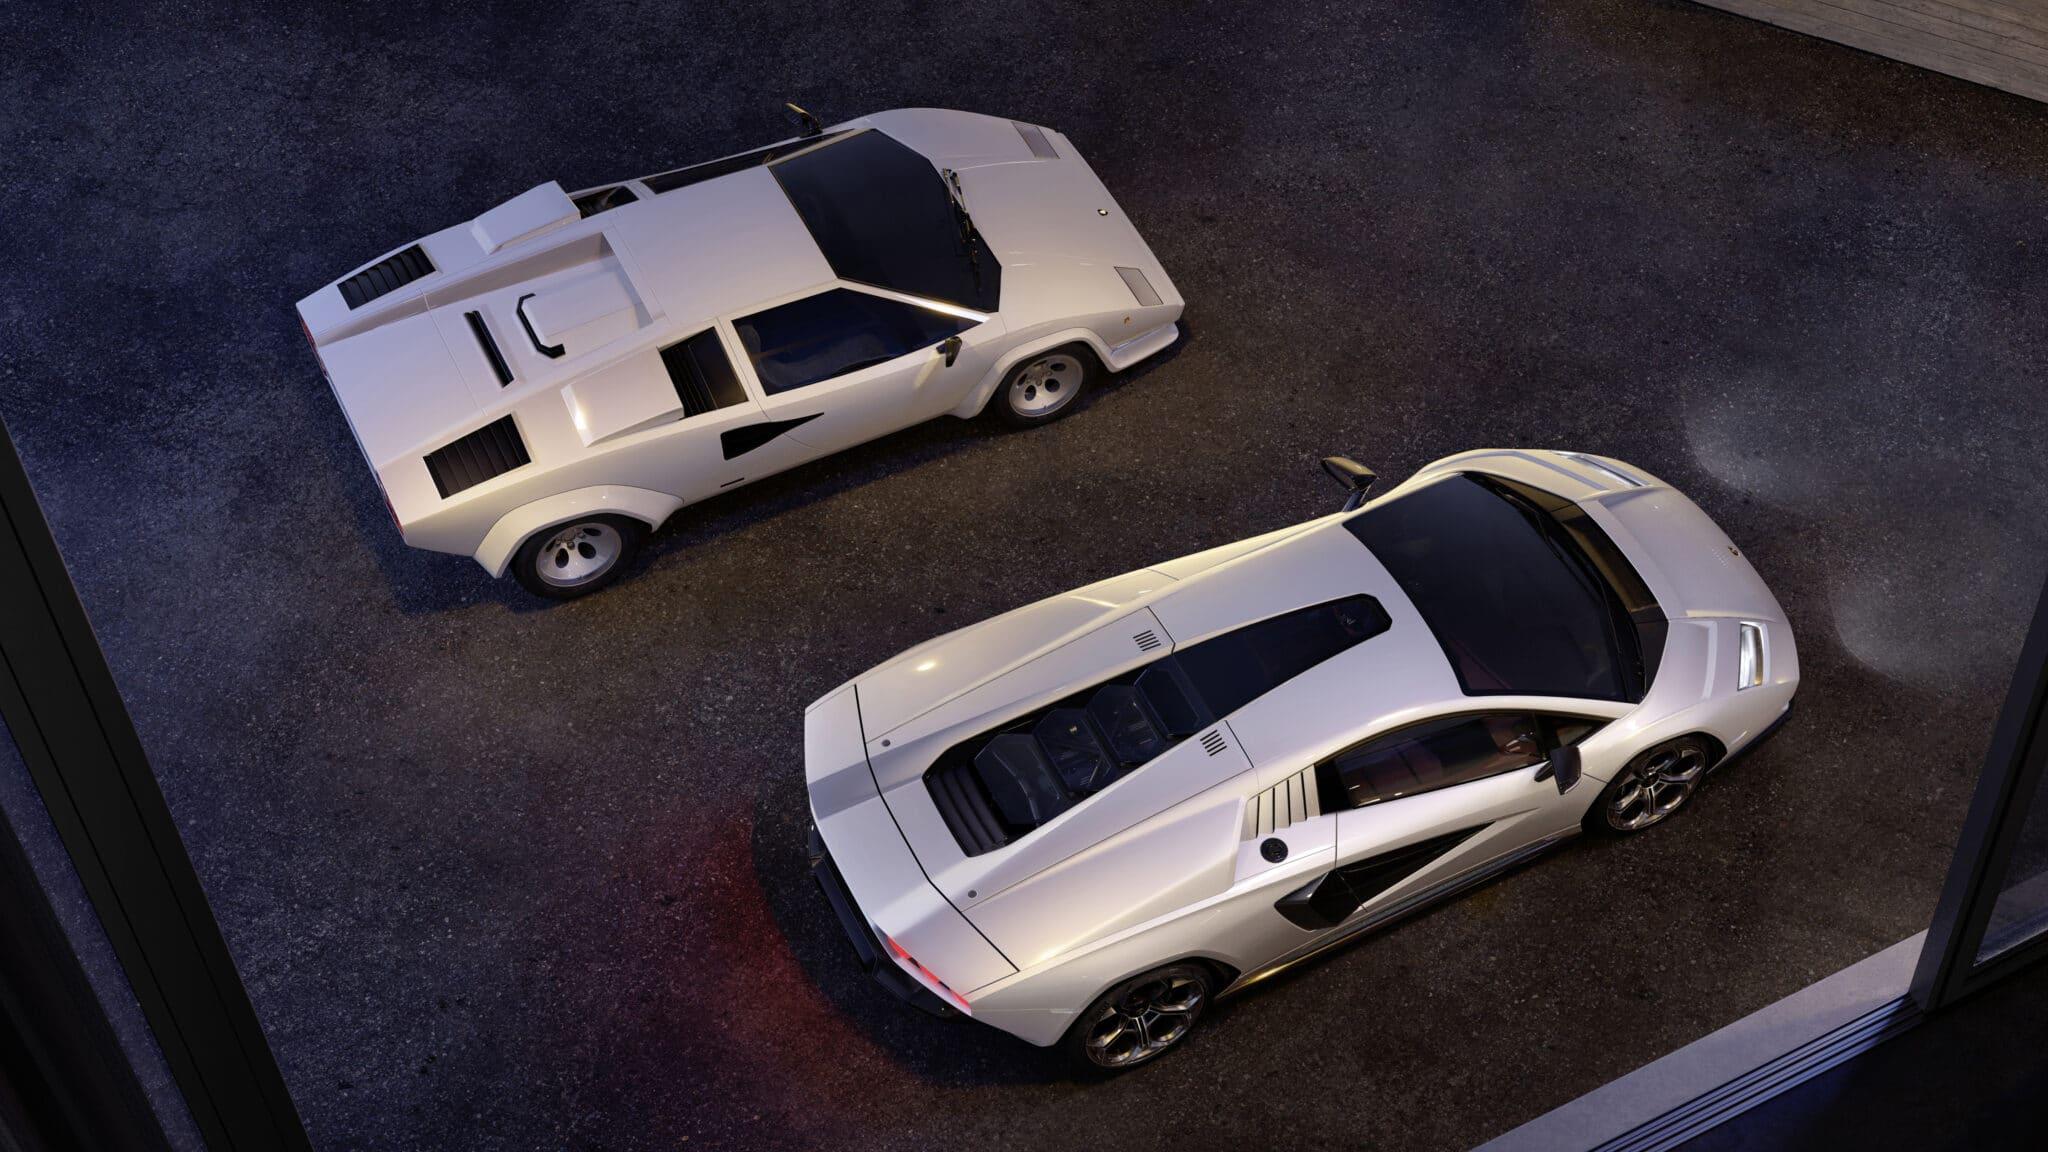 Confronto tra Lamborghini Countach - Crediti foto: ufficio stampa Lamborghini